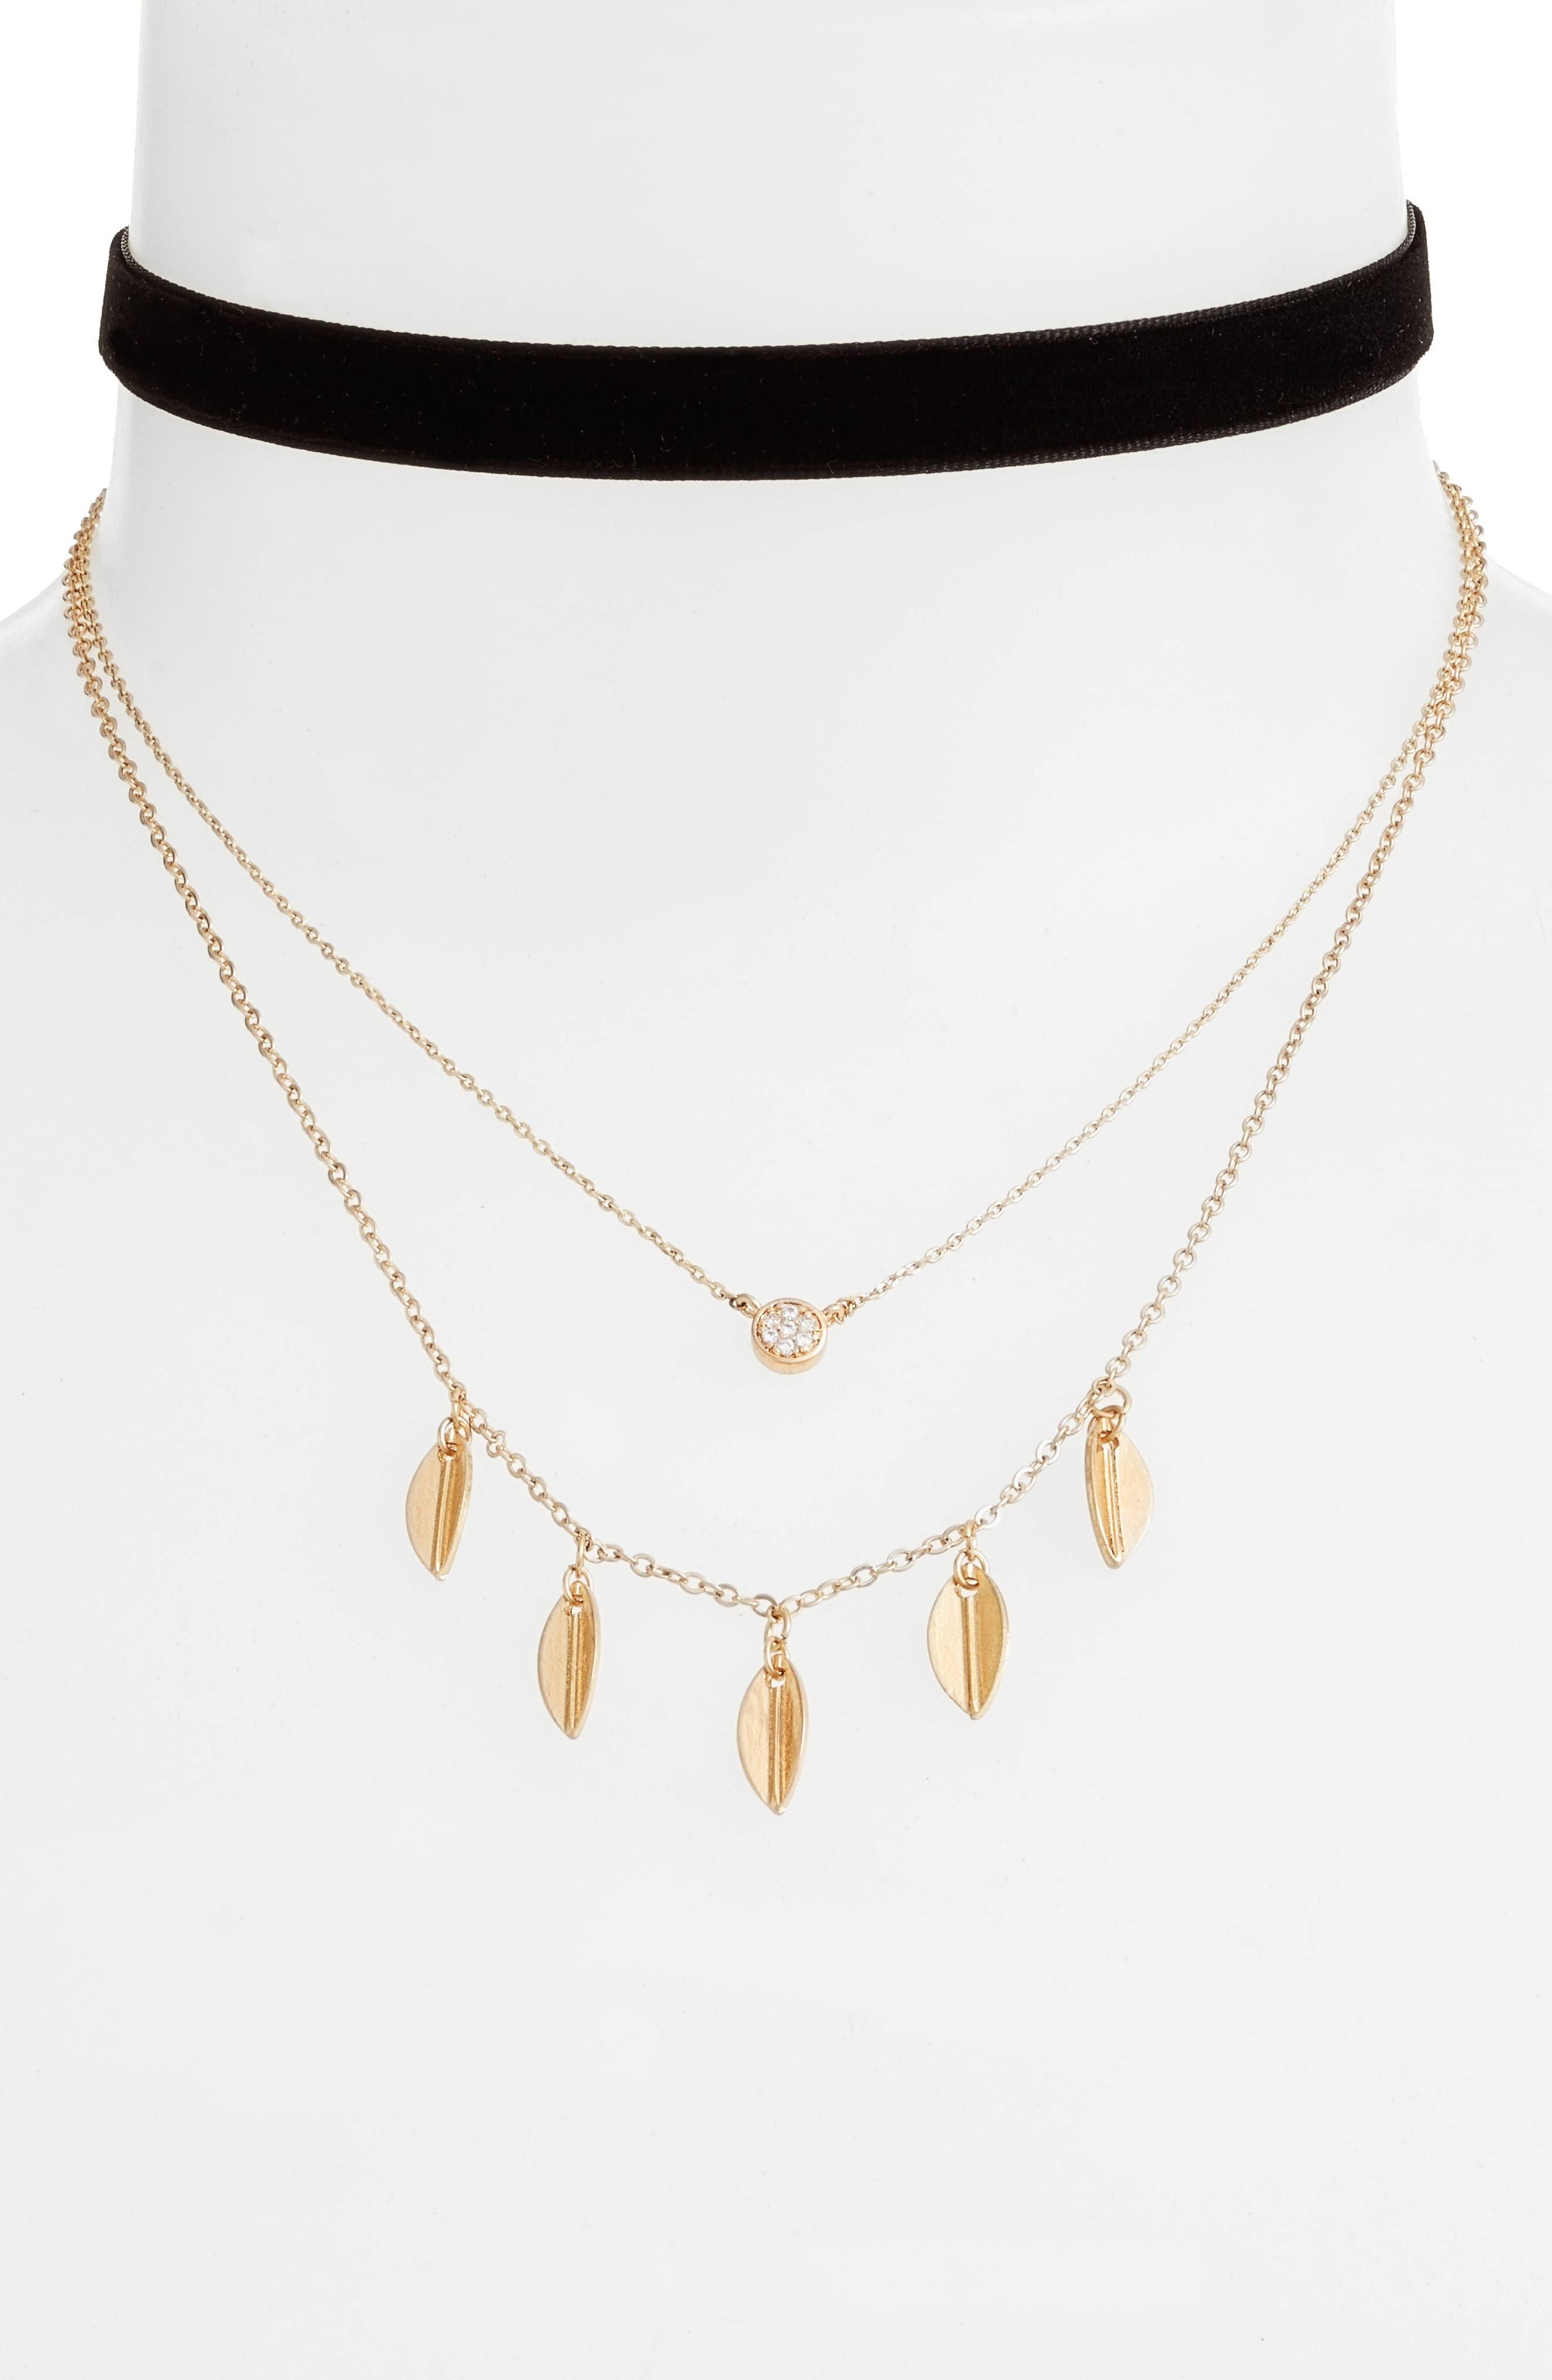 Momji Layered Choker Necklace,                             Main thumbnail 1, color,                             Black/ Gold